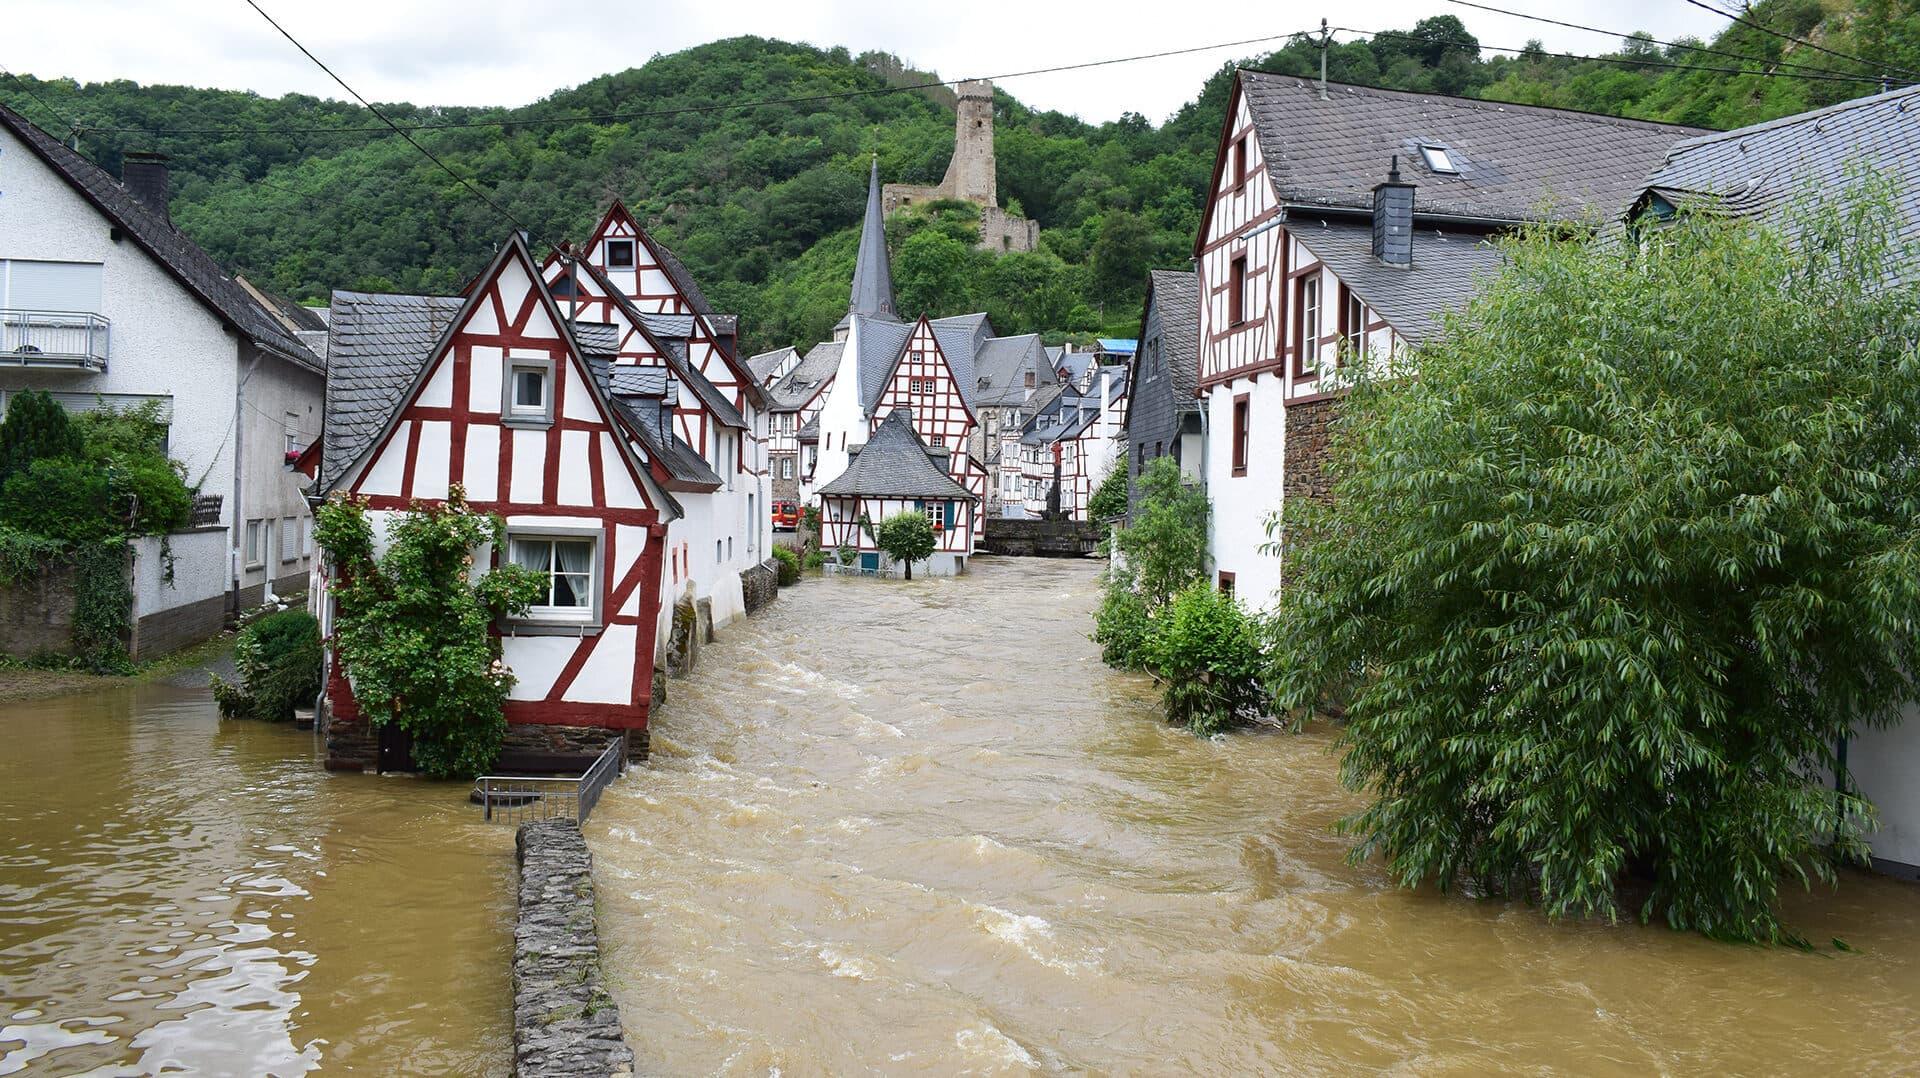 Dorfzentrum von Monreal im Elz-Hochwasser, Juli 2021